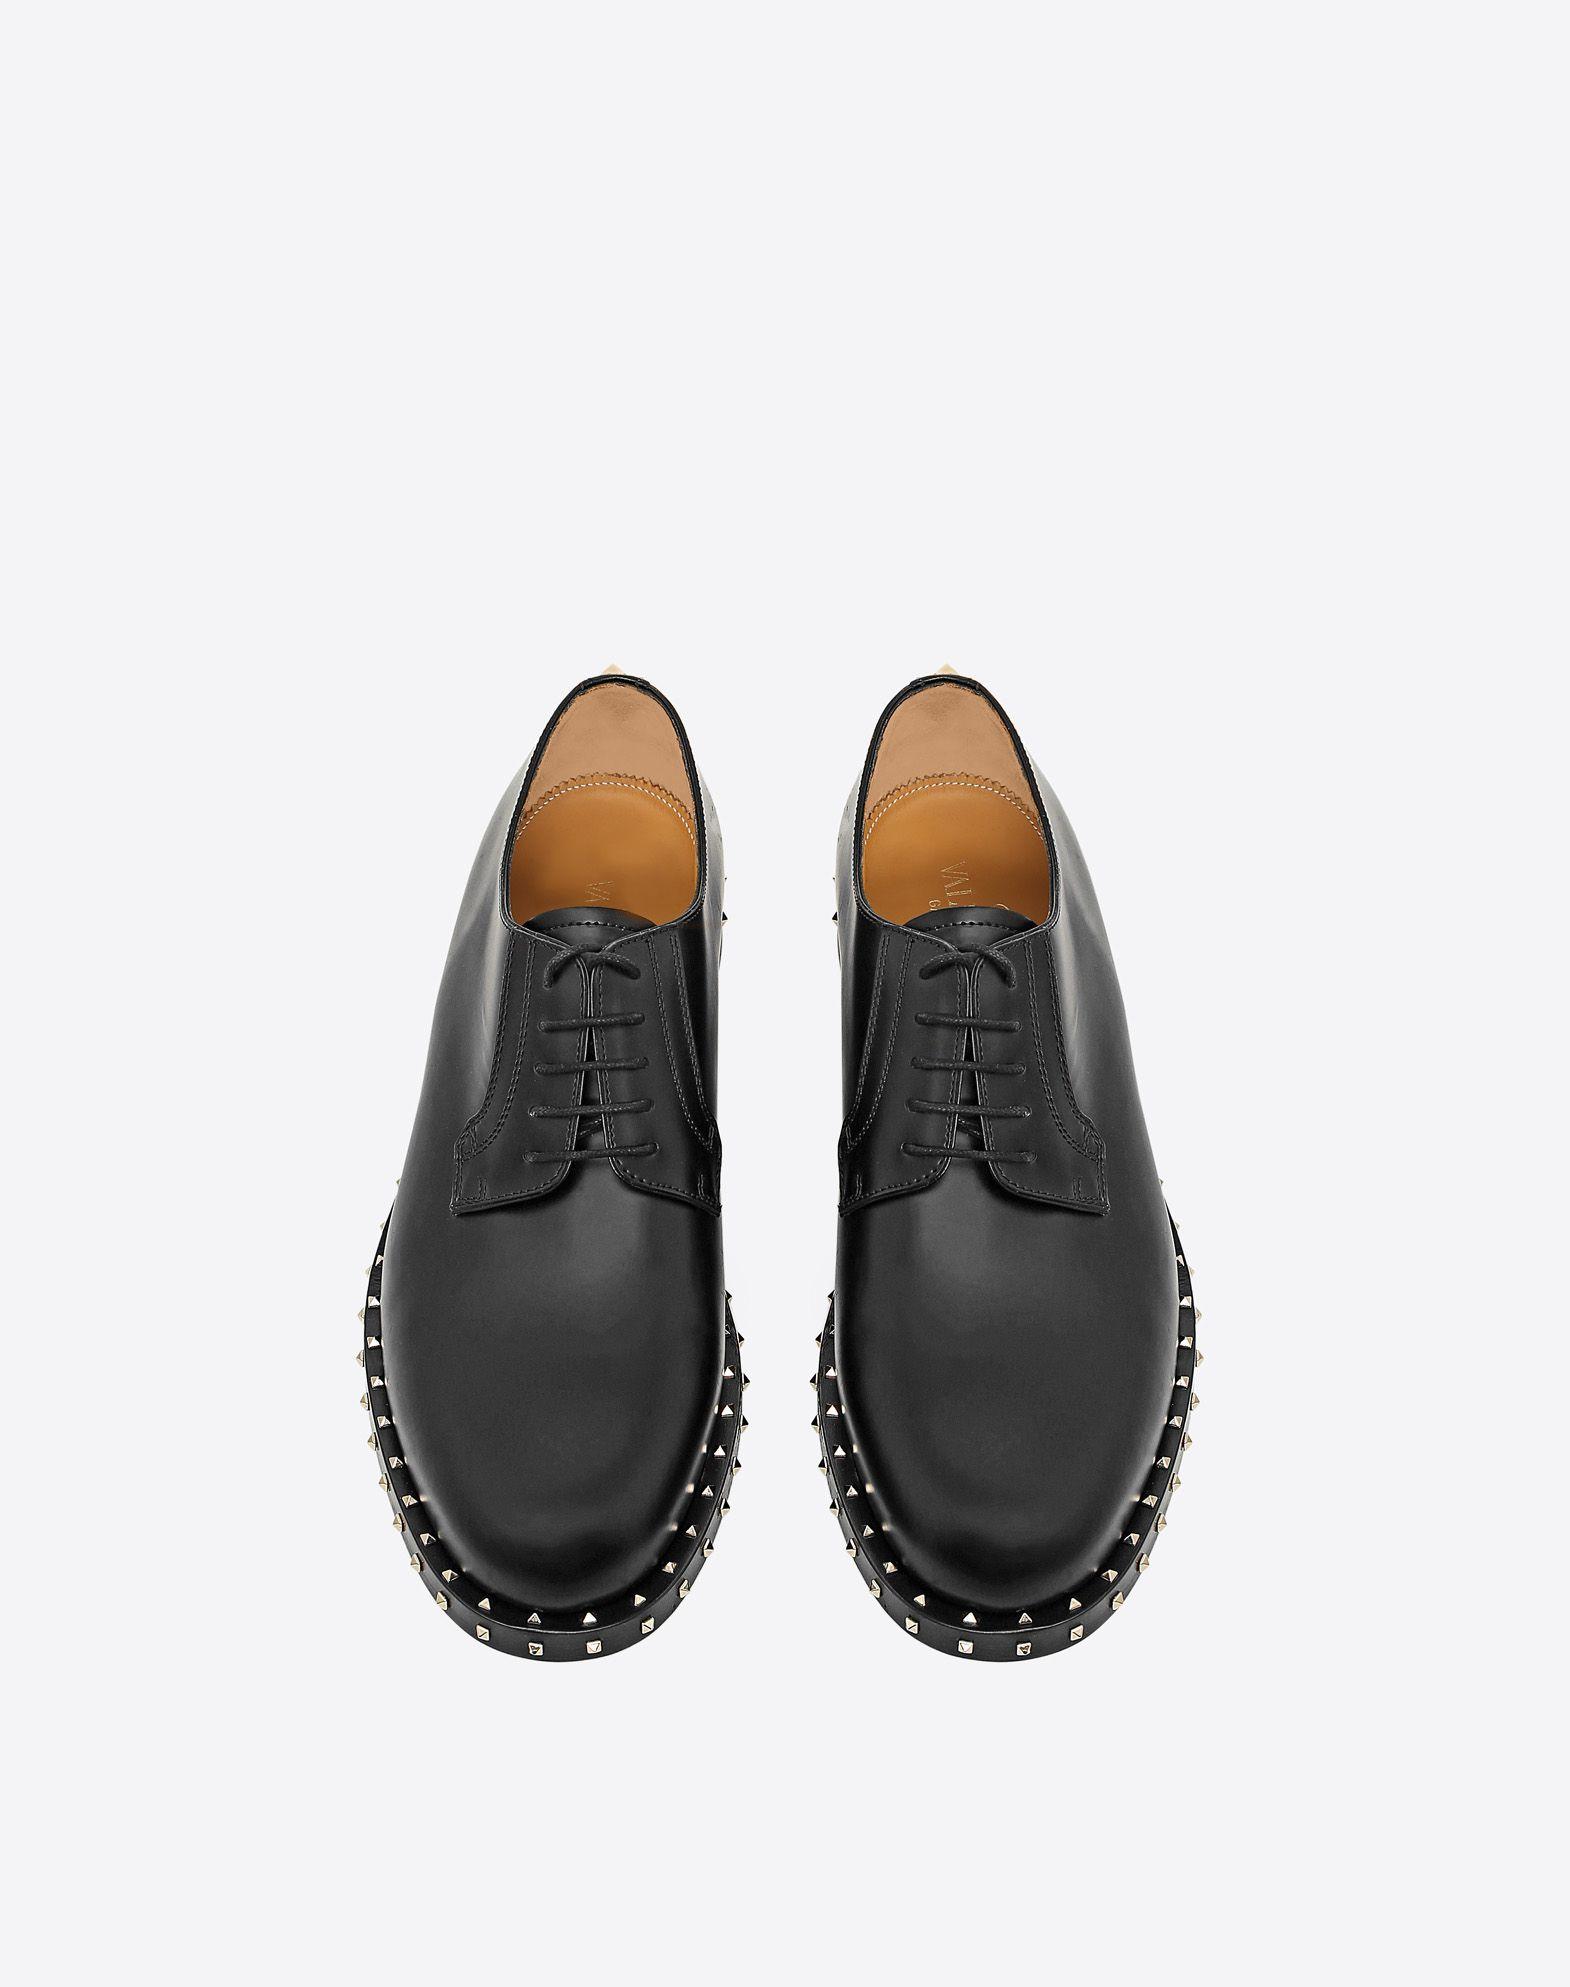 VALENTINO GARAVANI UOMO Zapatos derby Soul Rockstud ZAPATOS DE CORDONES U e